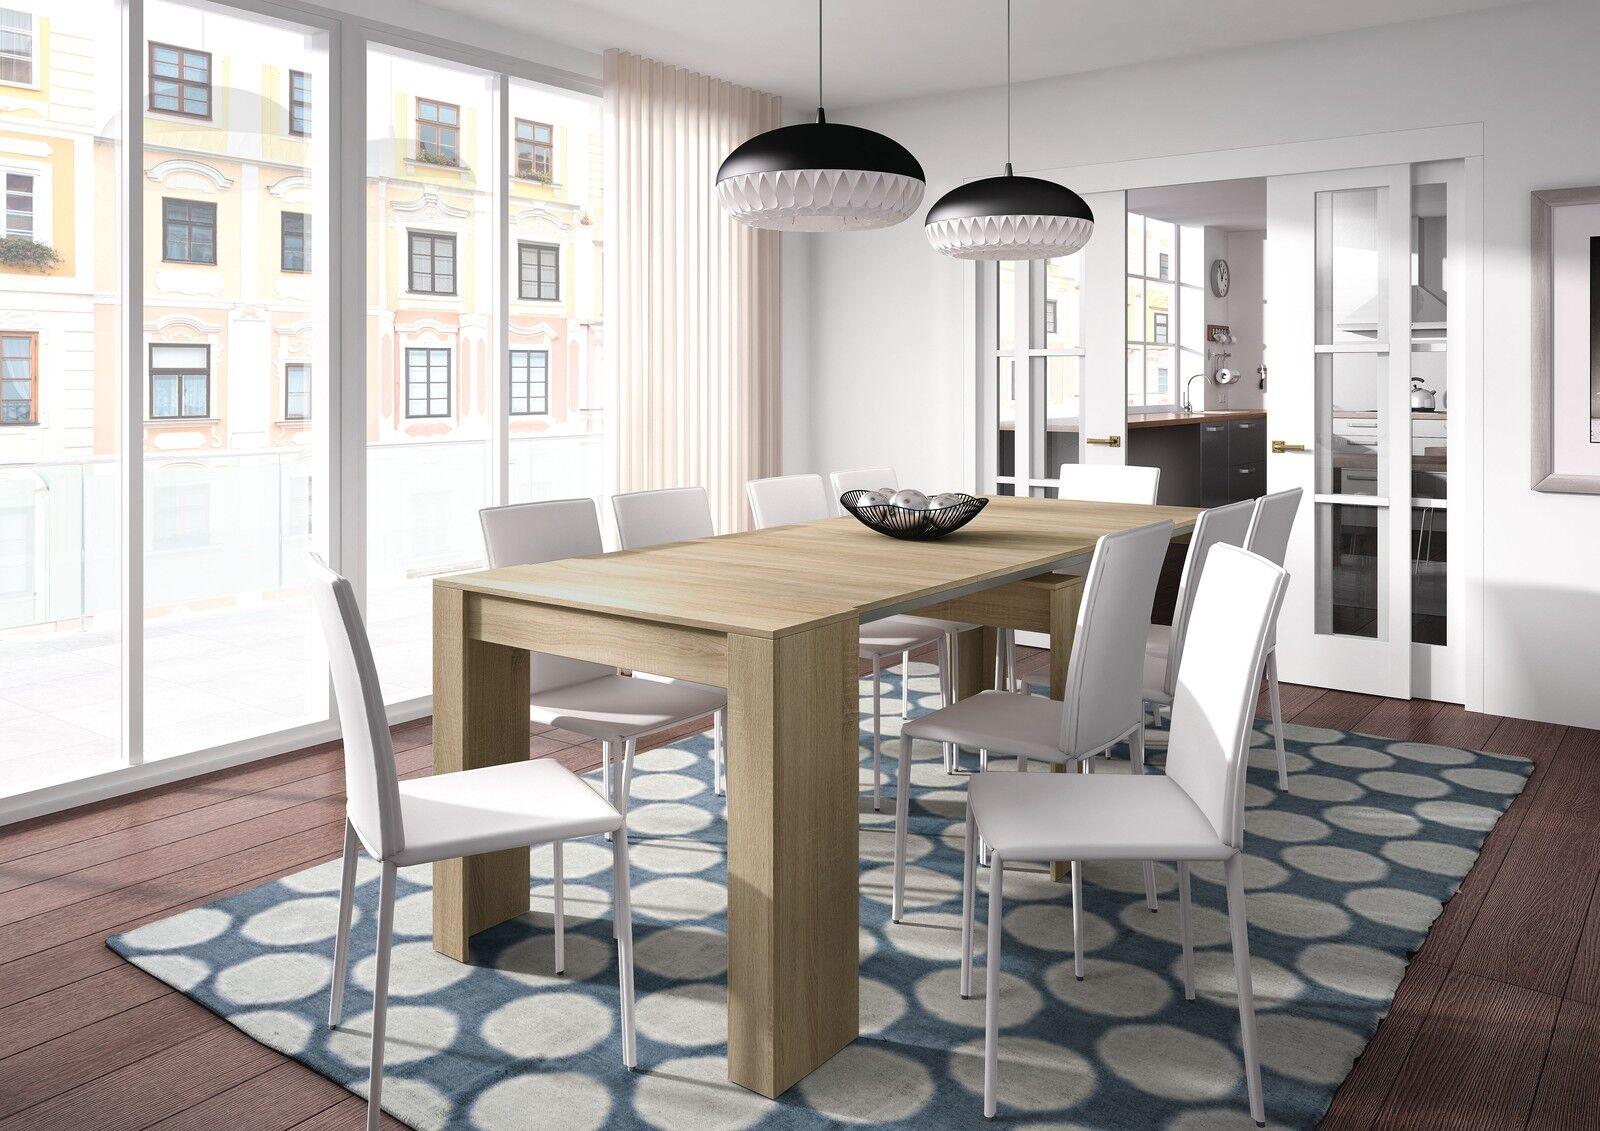 Mesa de comedor consola extensible mesa cocina mesa for Mesa comedor extensible gris